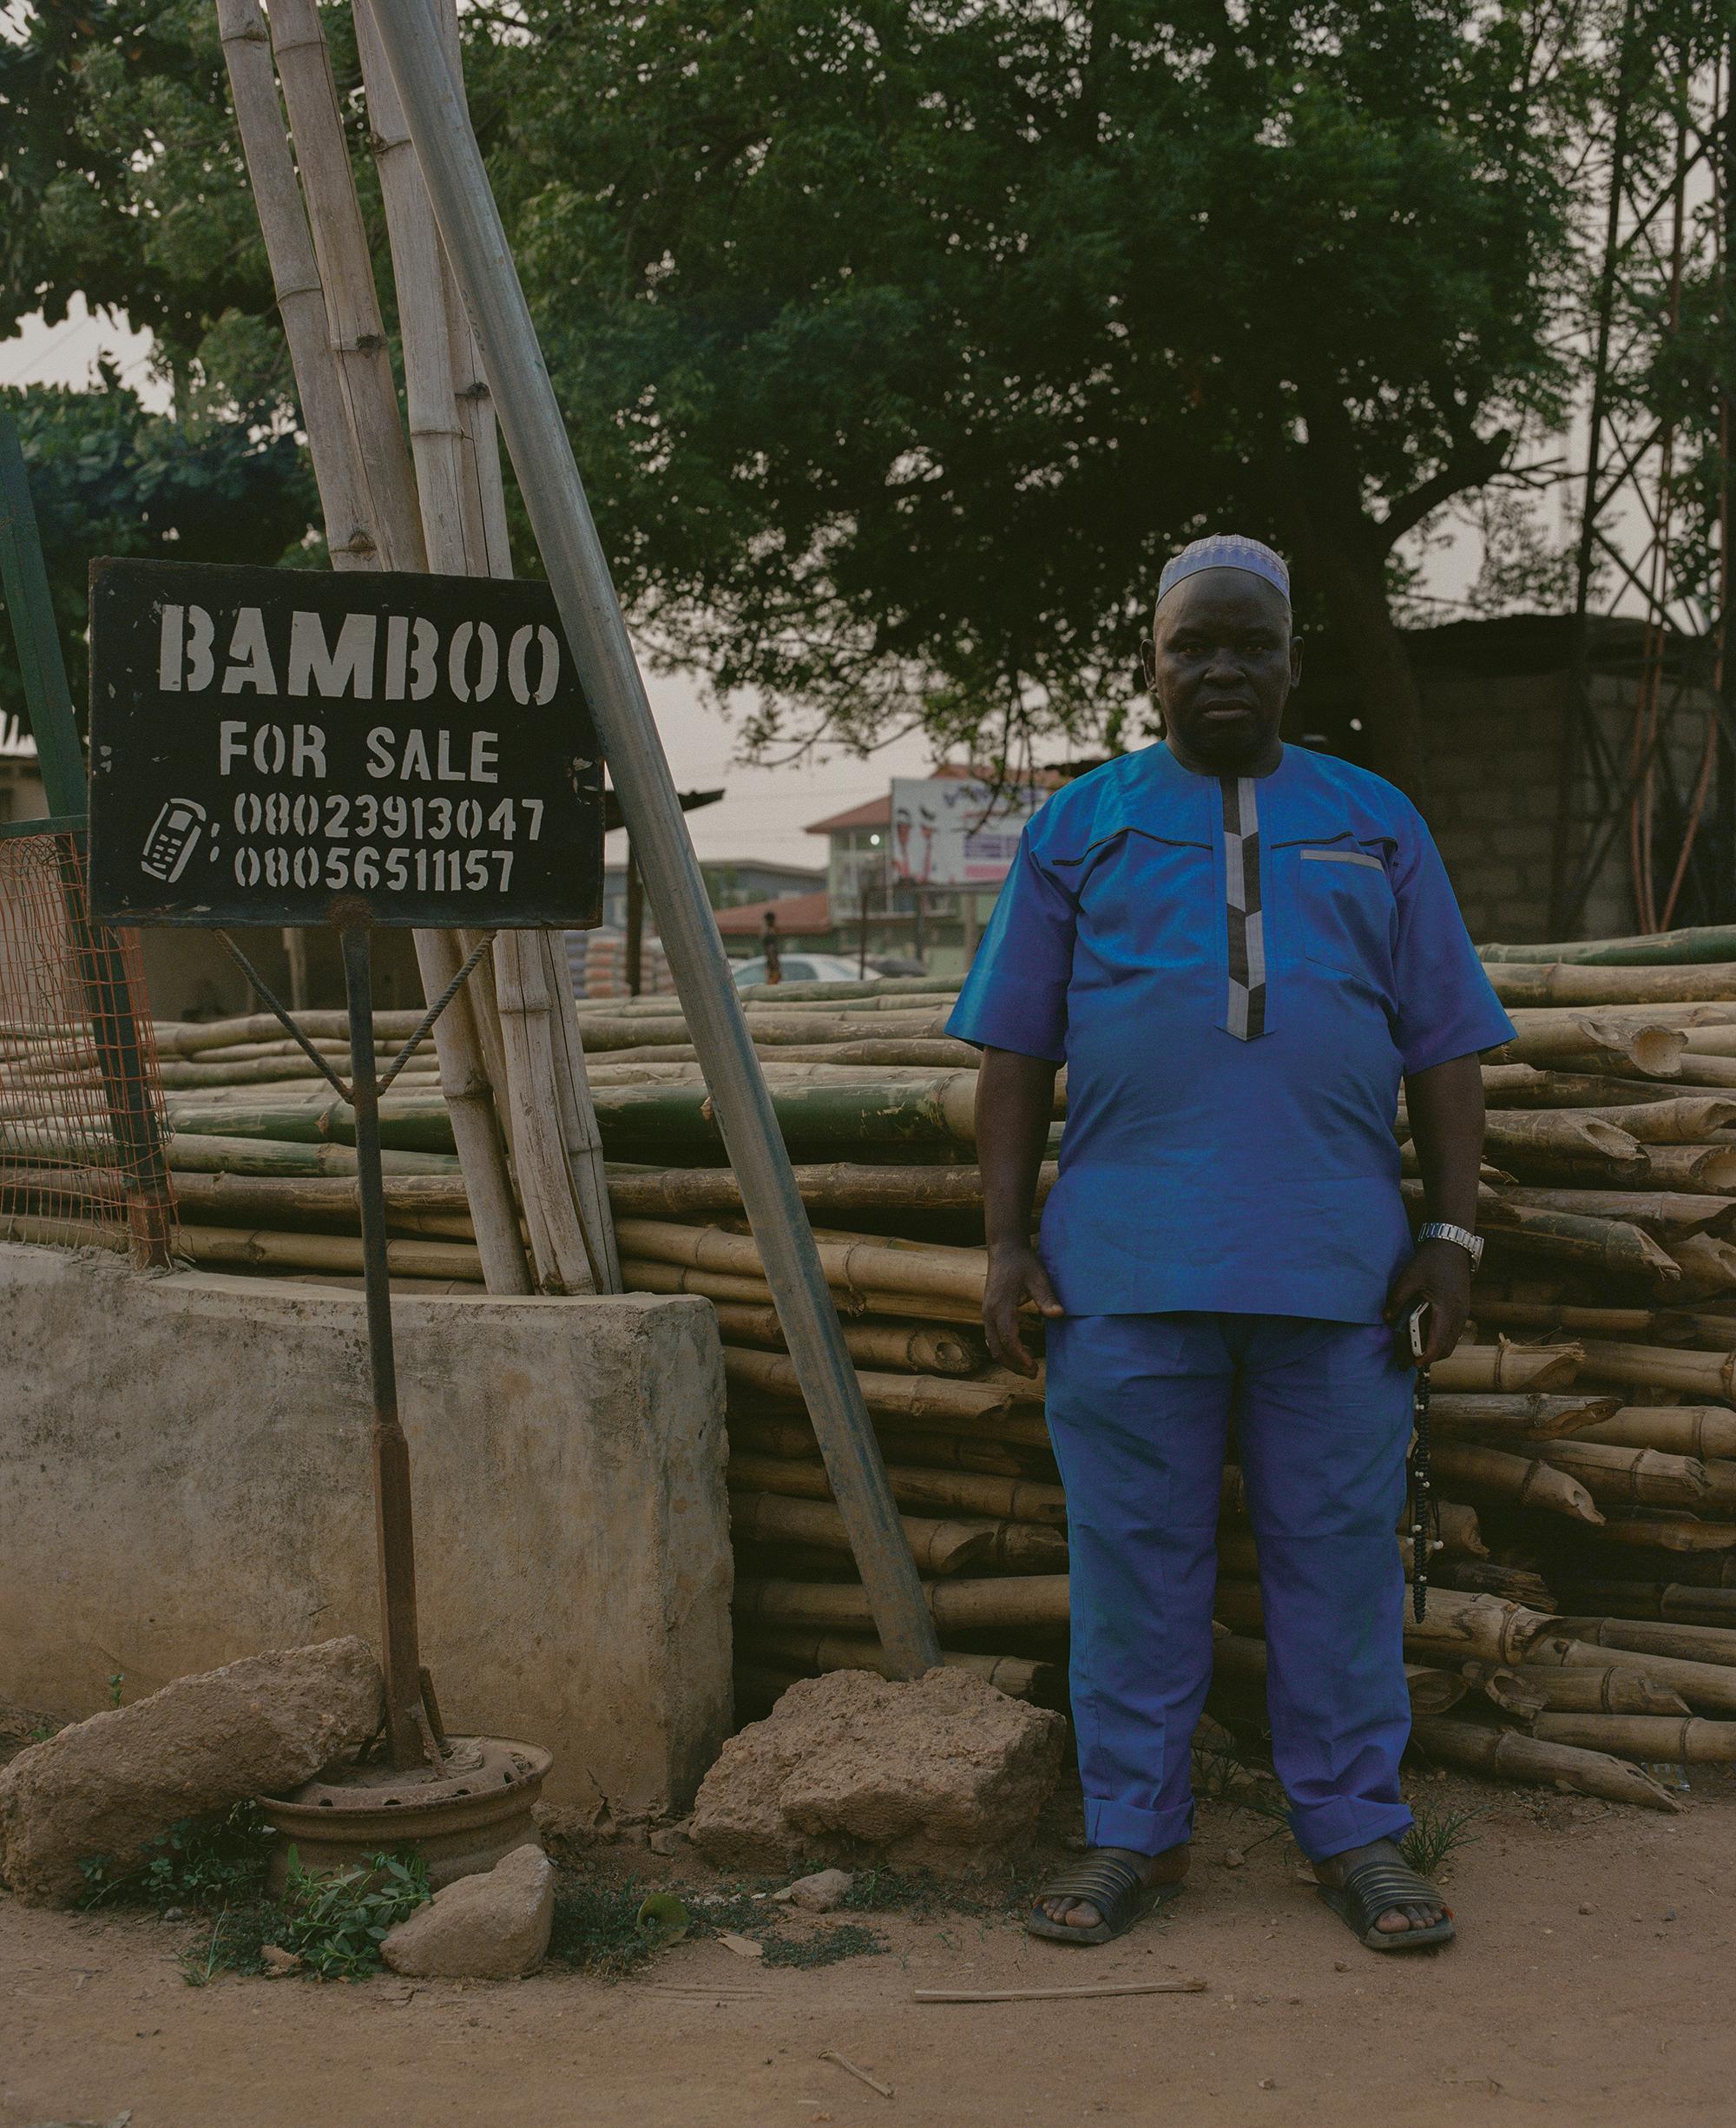 Lelaki berpakaian serba biru berpose di tempat jualan bambu